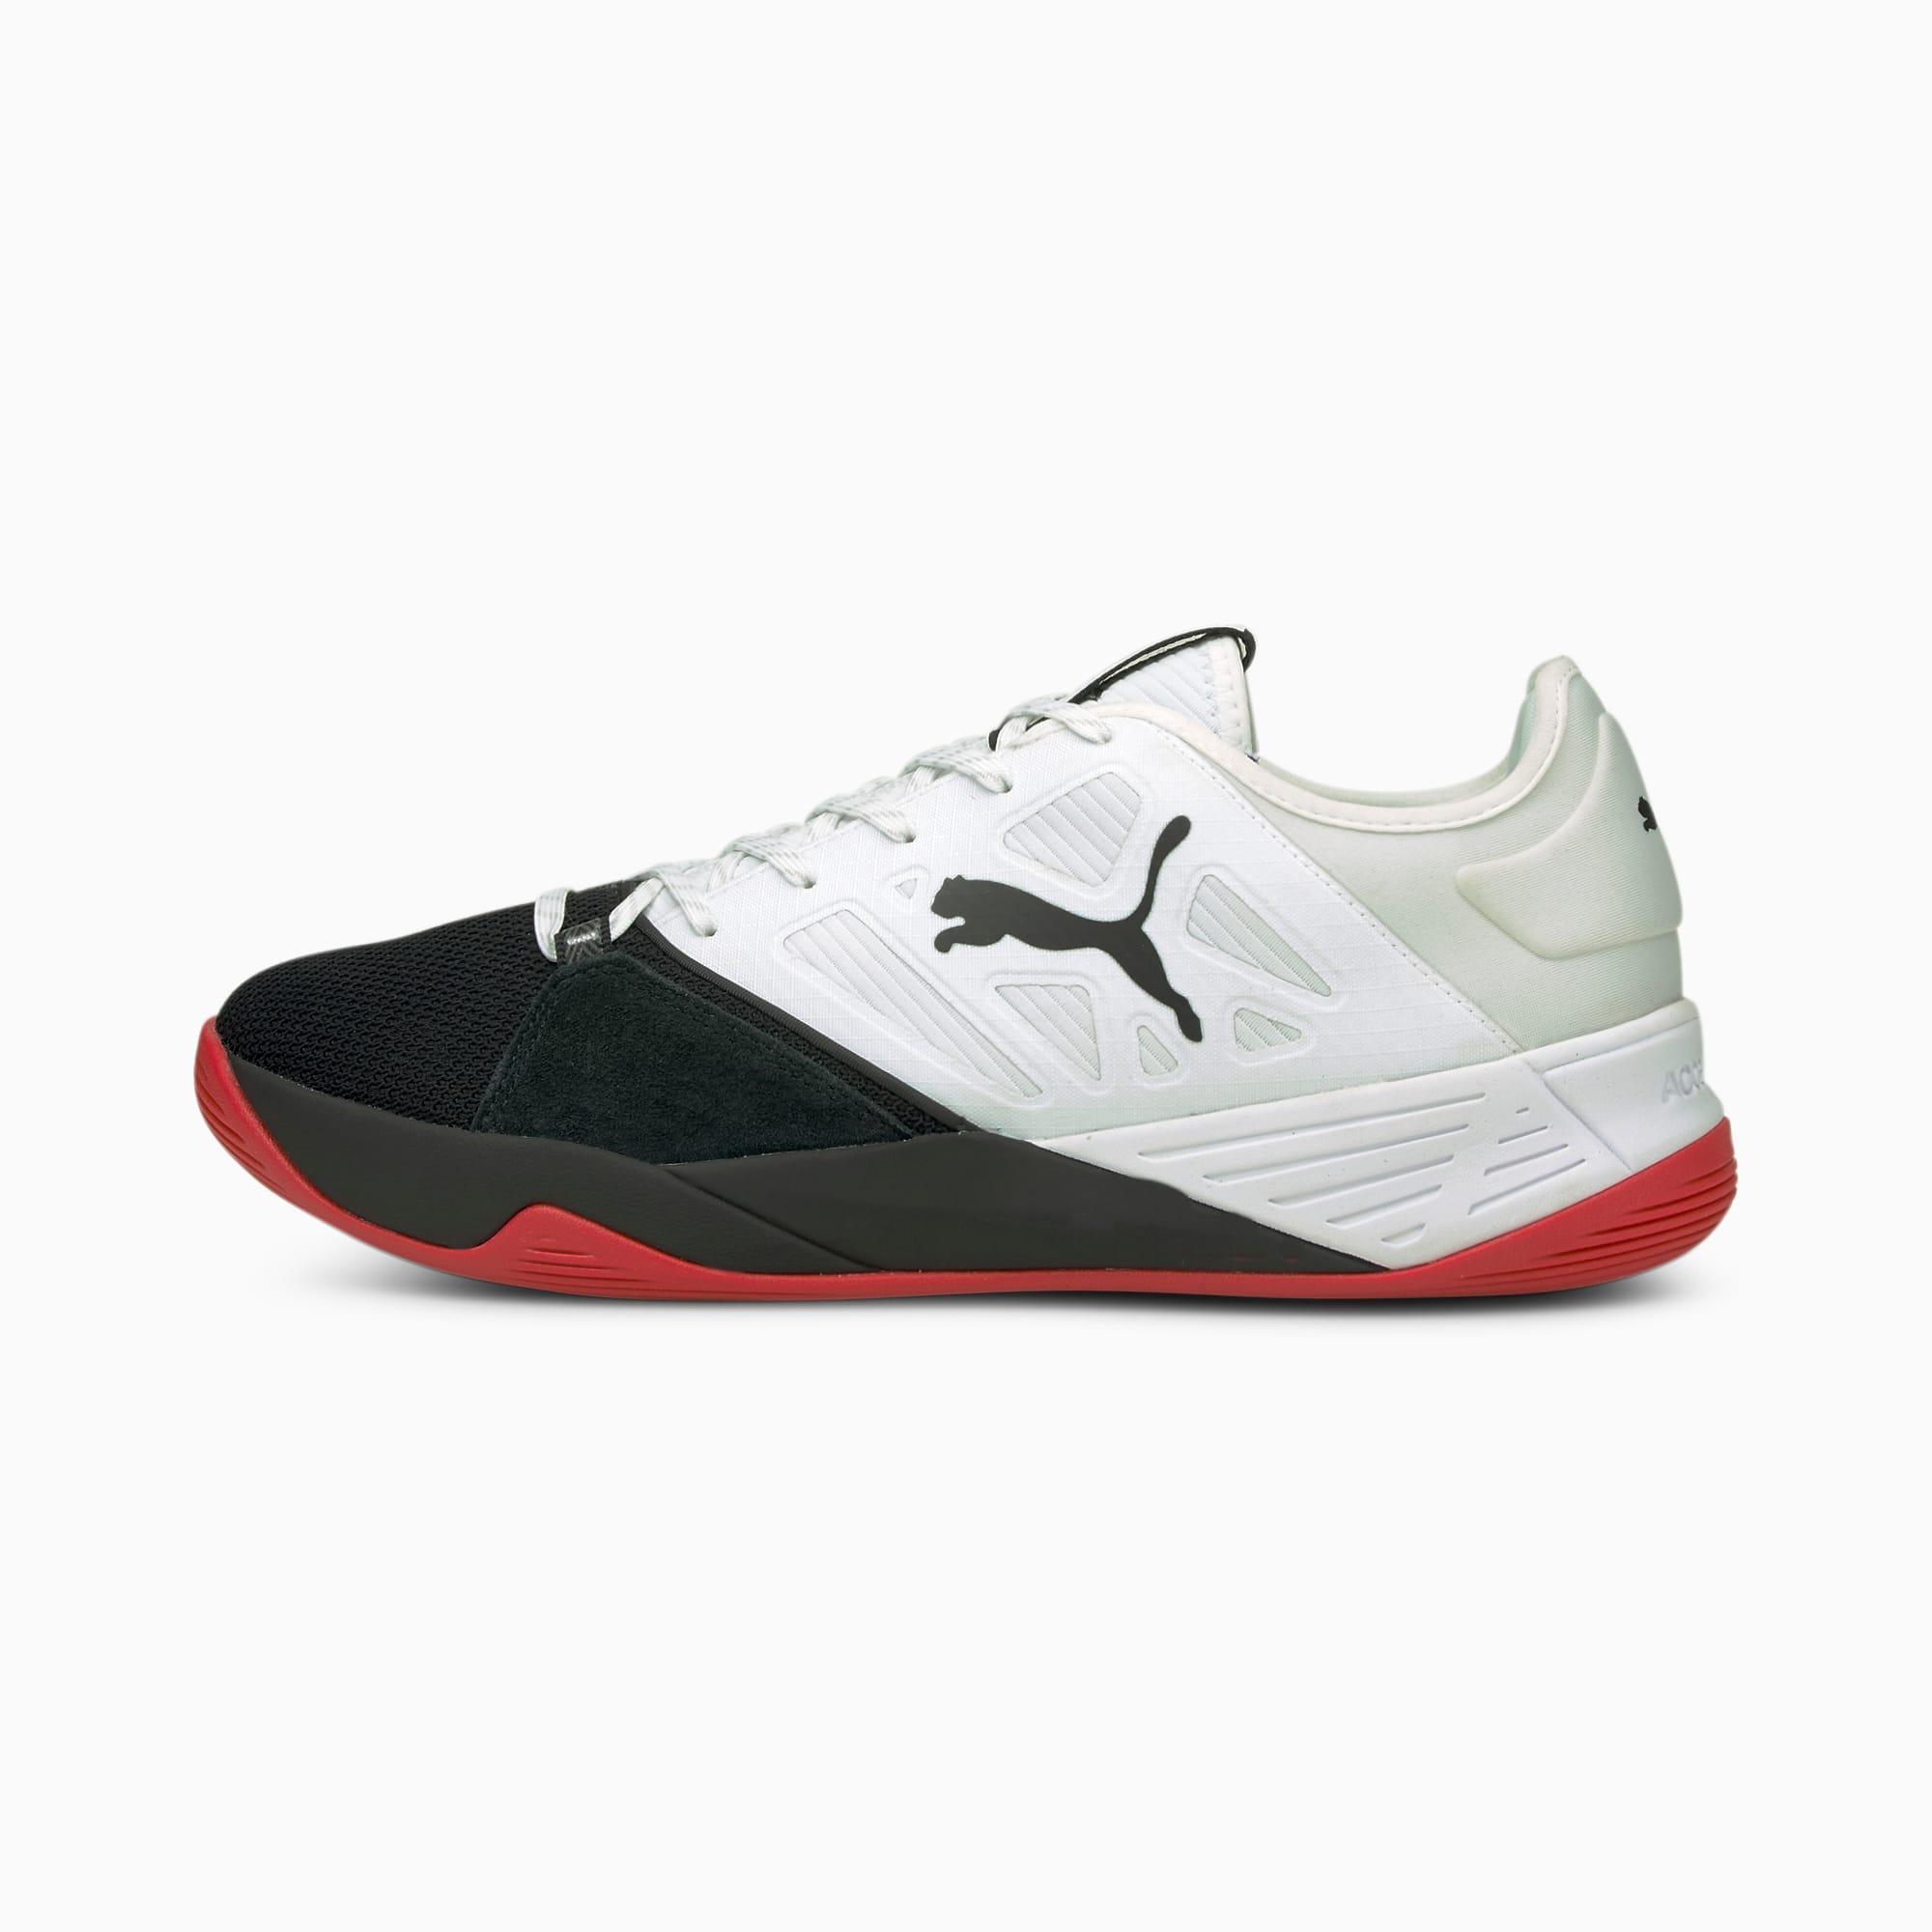 Accelerate Turbo Nitro Handball Shoes